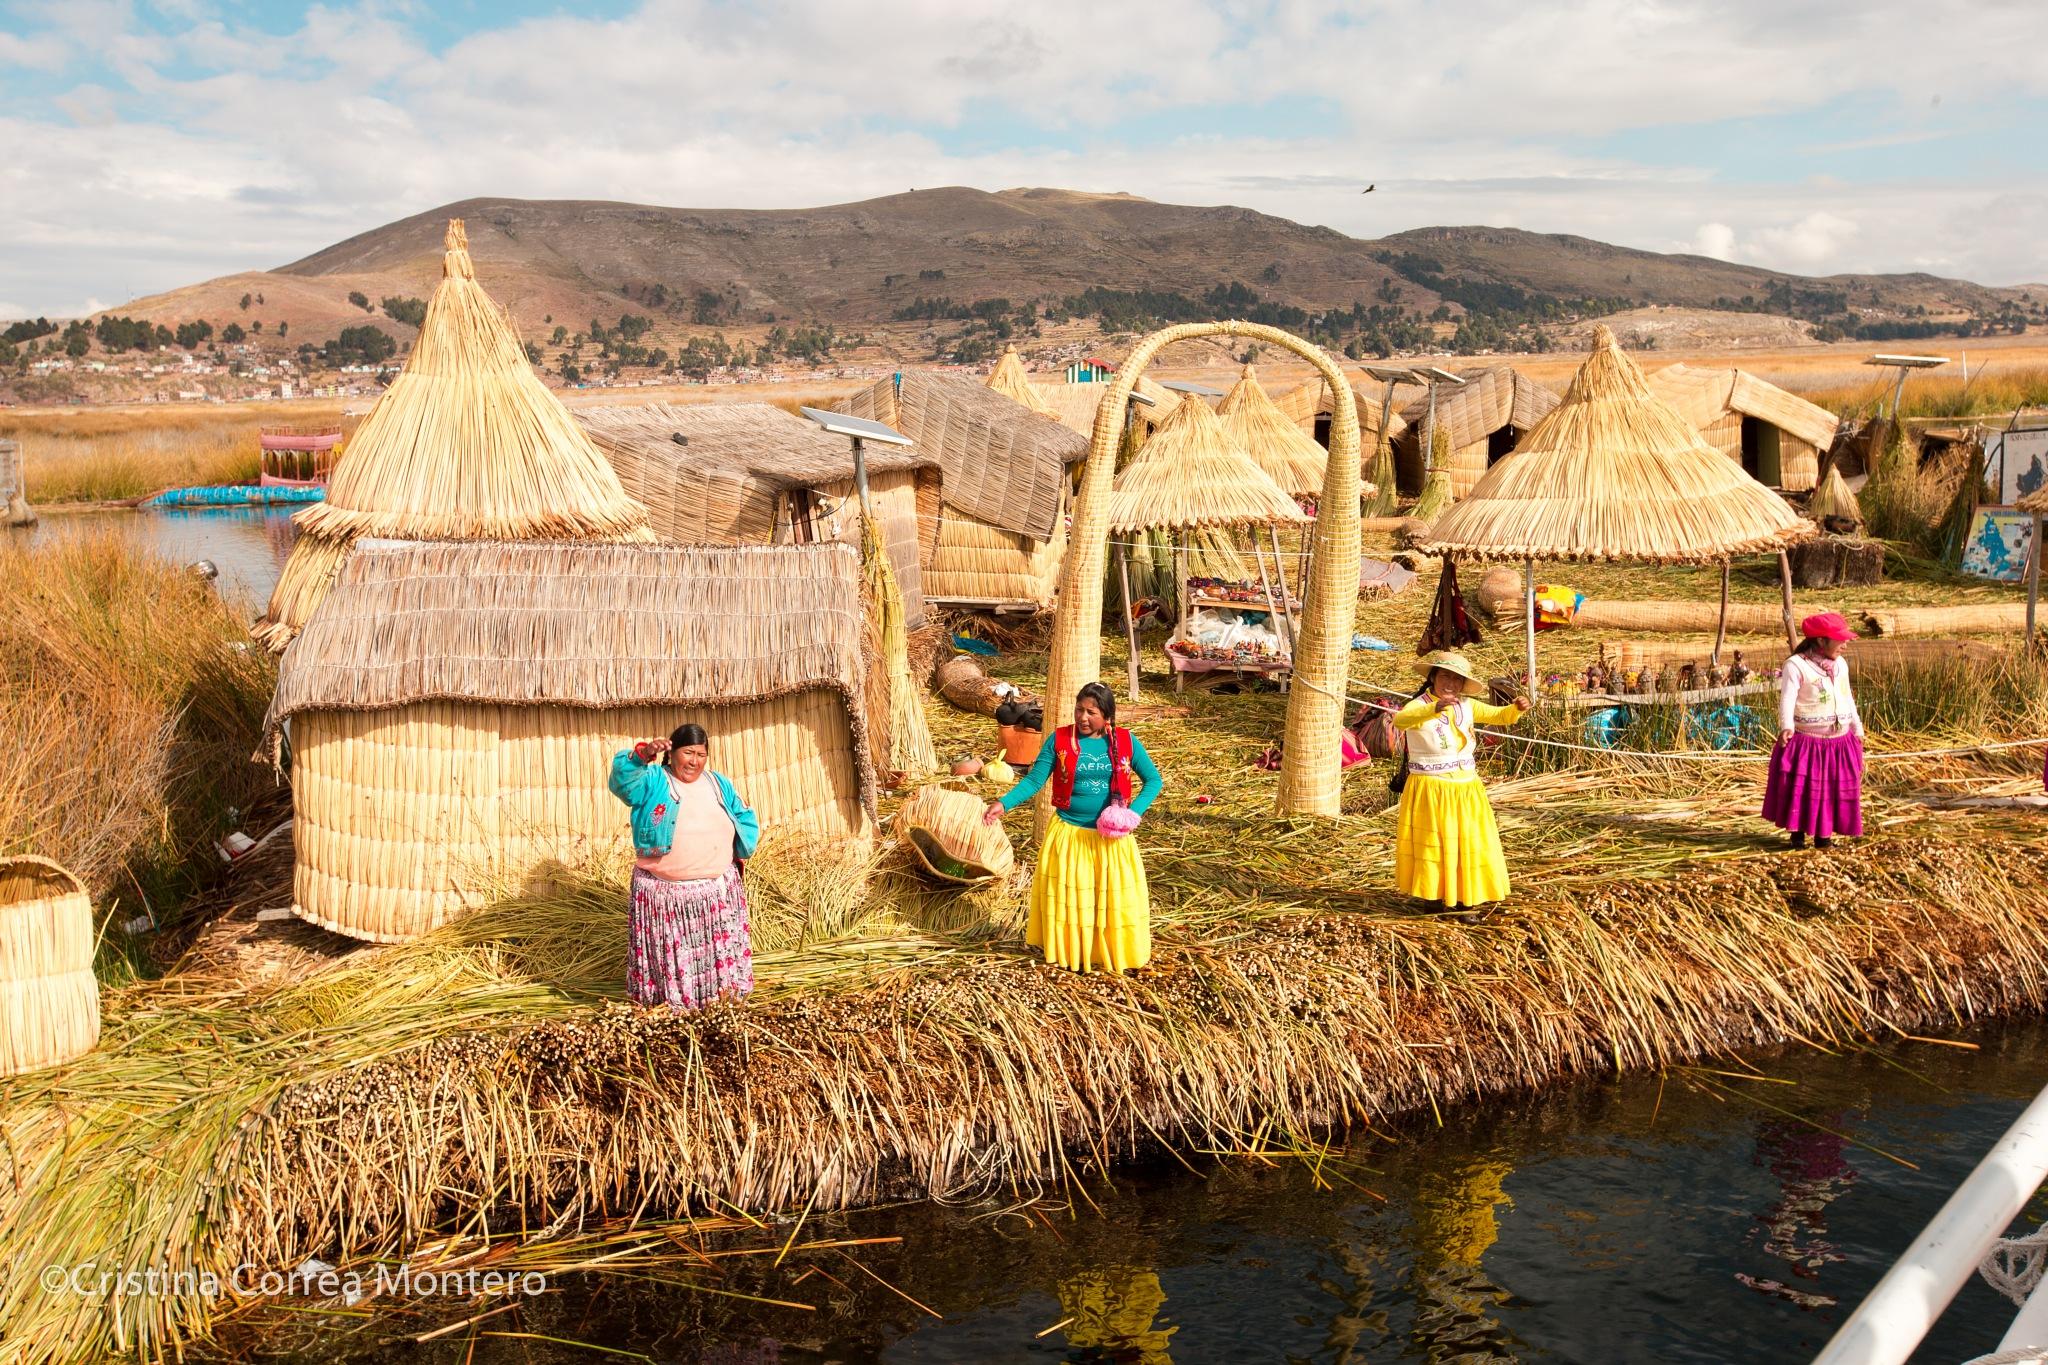 Islas flotantes del Lago Titicaca by Cristina Correa Montero de Ubrig